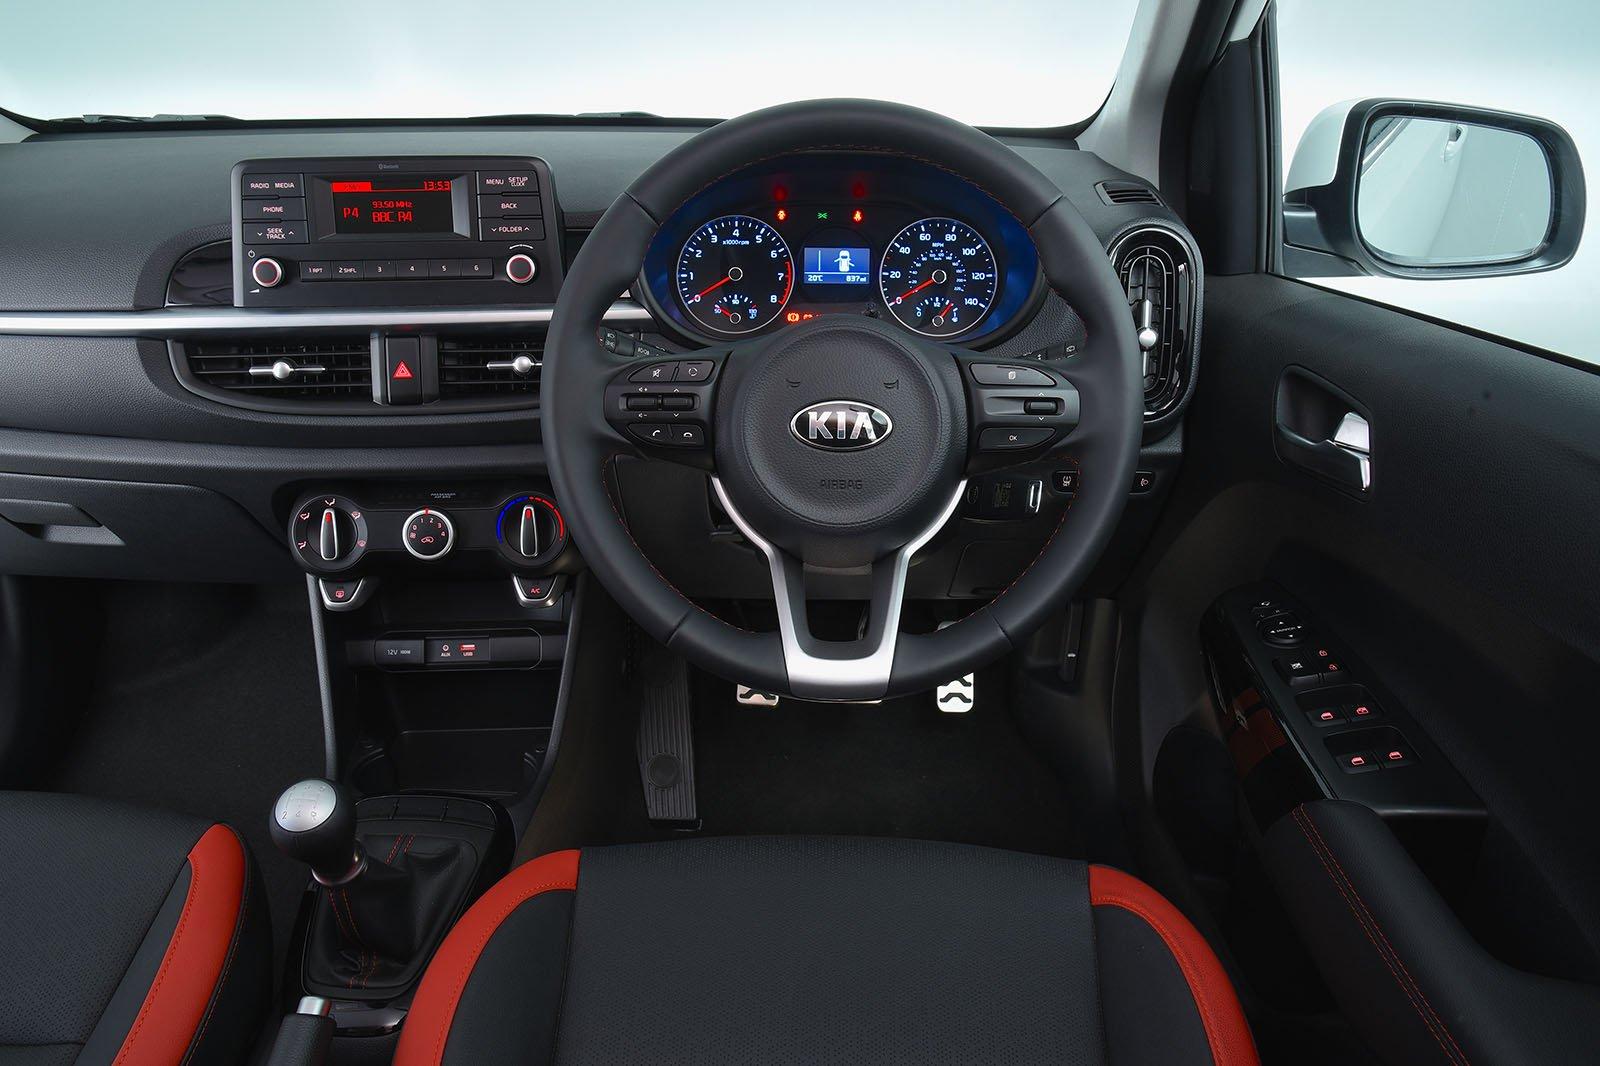 Kia Picanto 1.25 3 5dr - interior